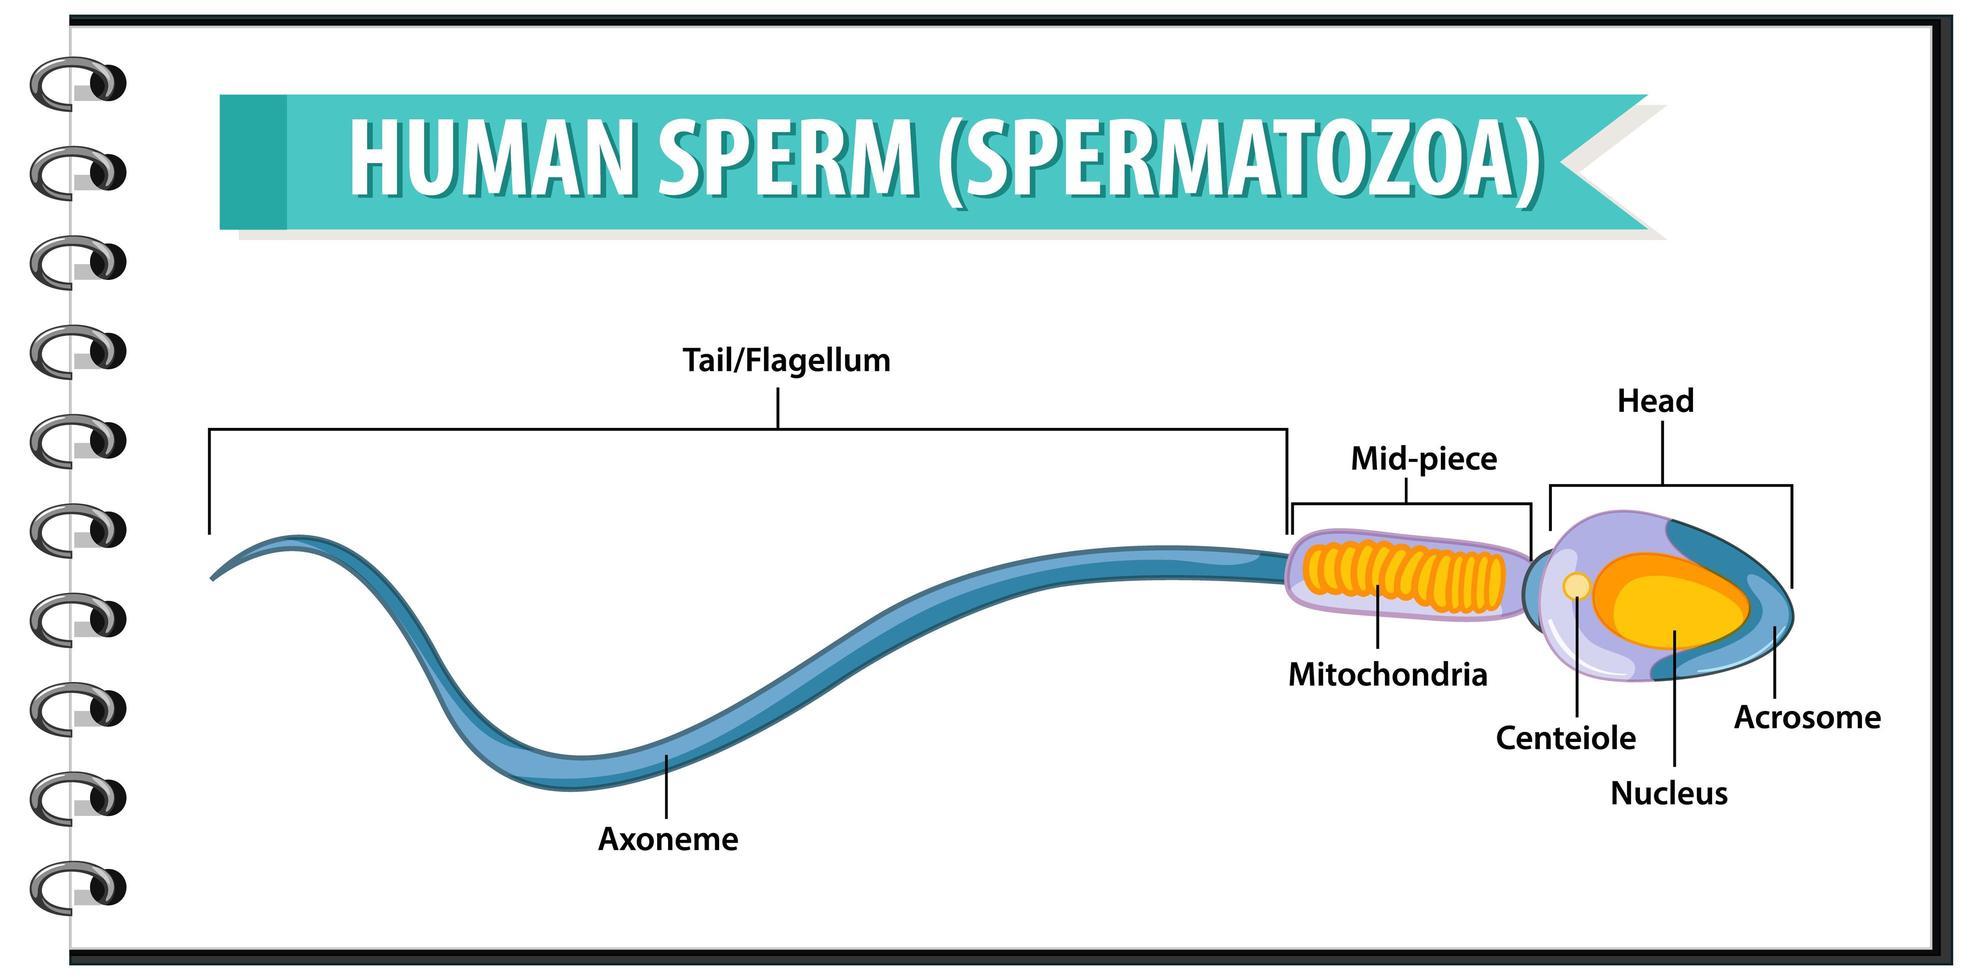 celstructuur van menselijk sperma of spermatozoa vector